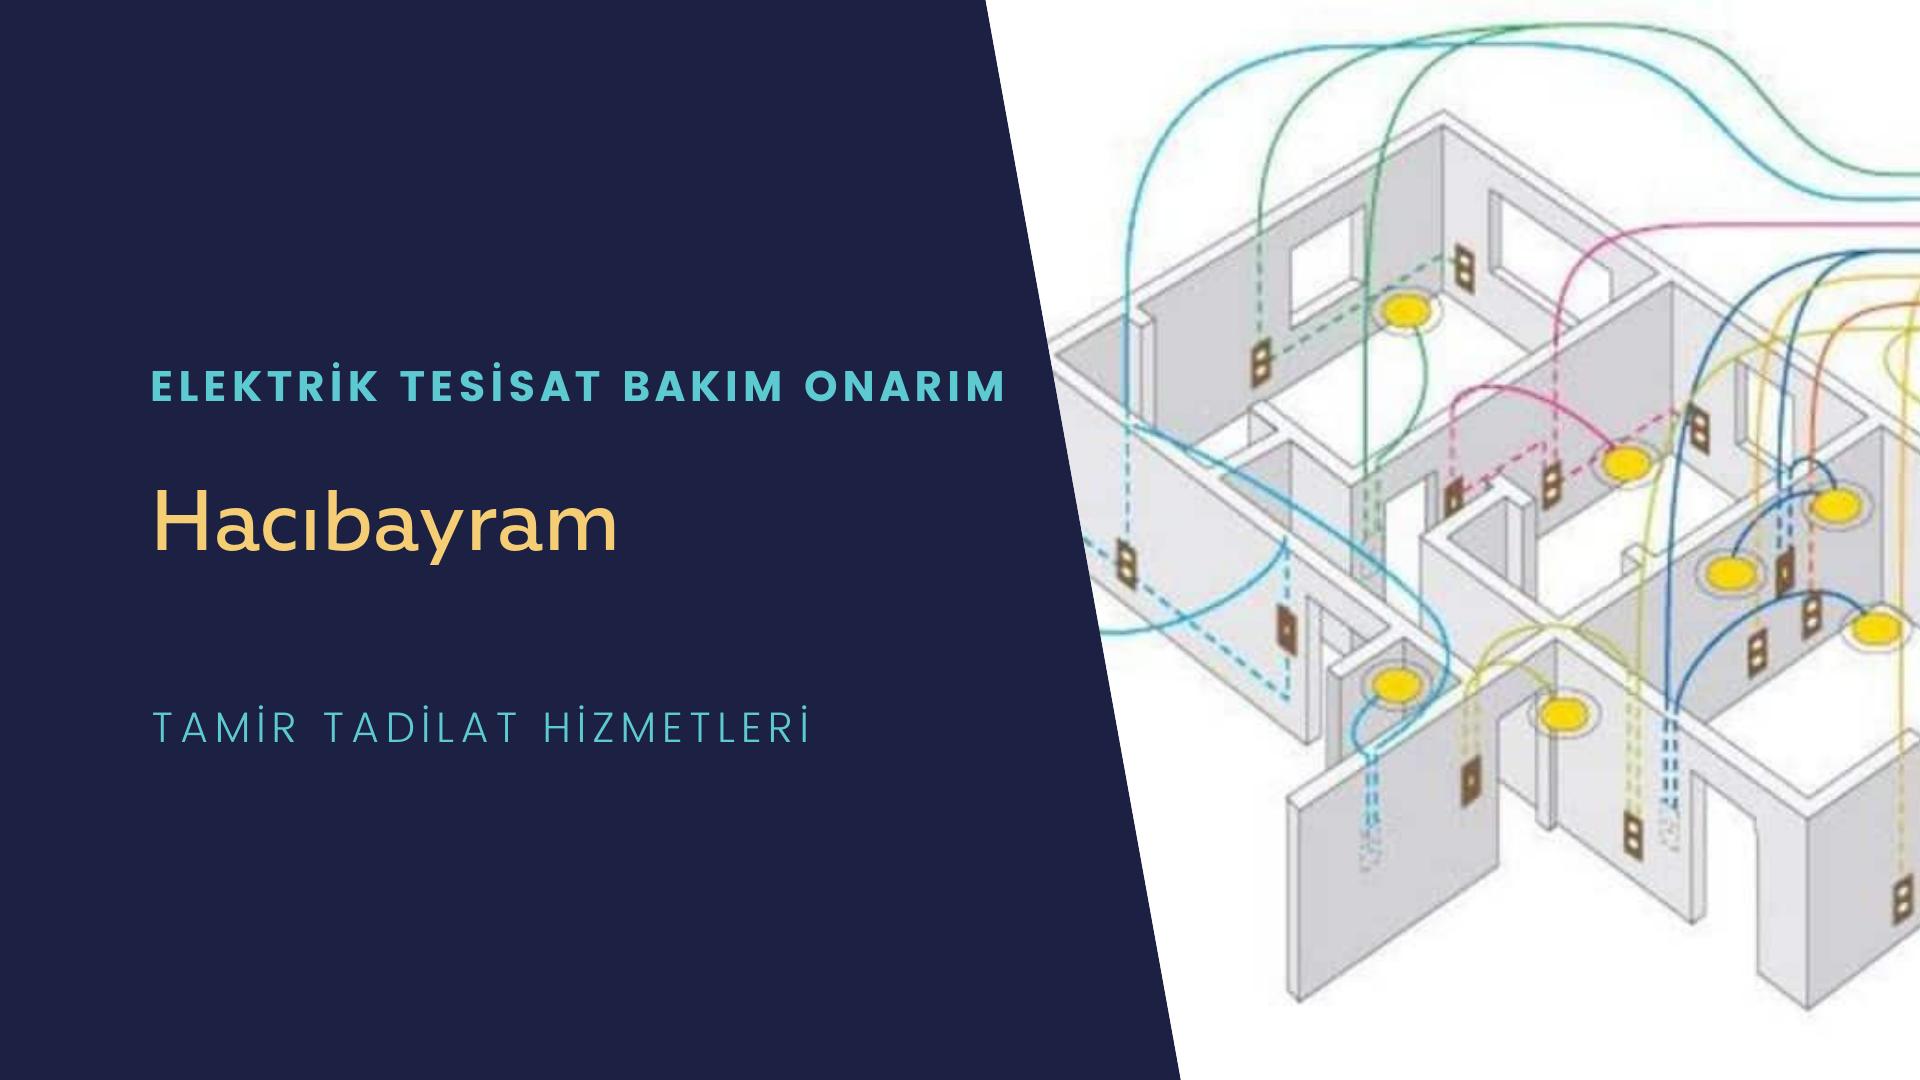 Hacıbayram   elektrik tesisatıustalarımı arıyorsunuz doğru adrestenizi Hacıbayram  elektrik tesisatı ustalarımız 7/24 sizlere hizmet vermekten mutluluk duyar.